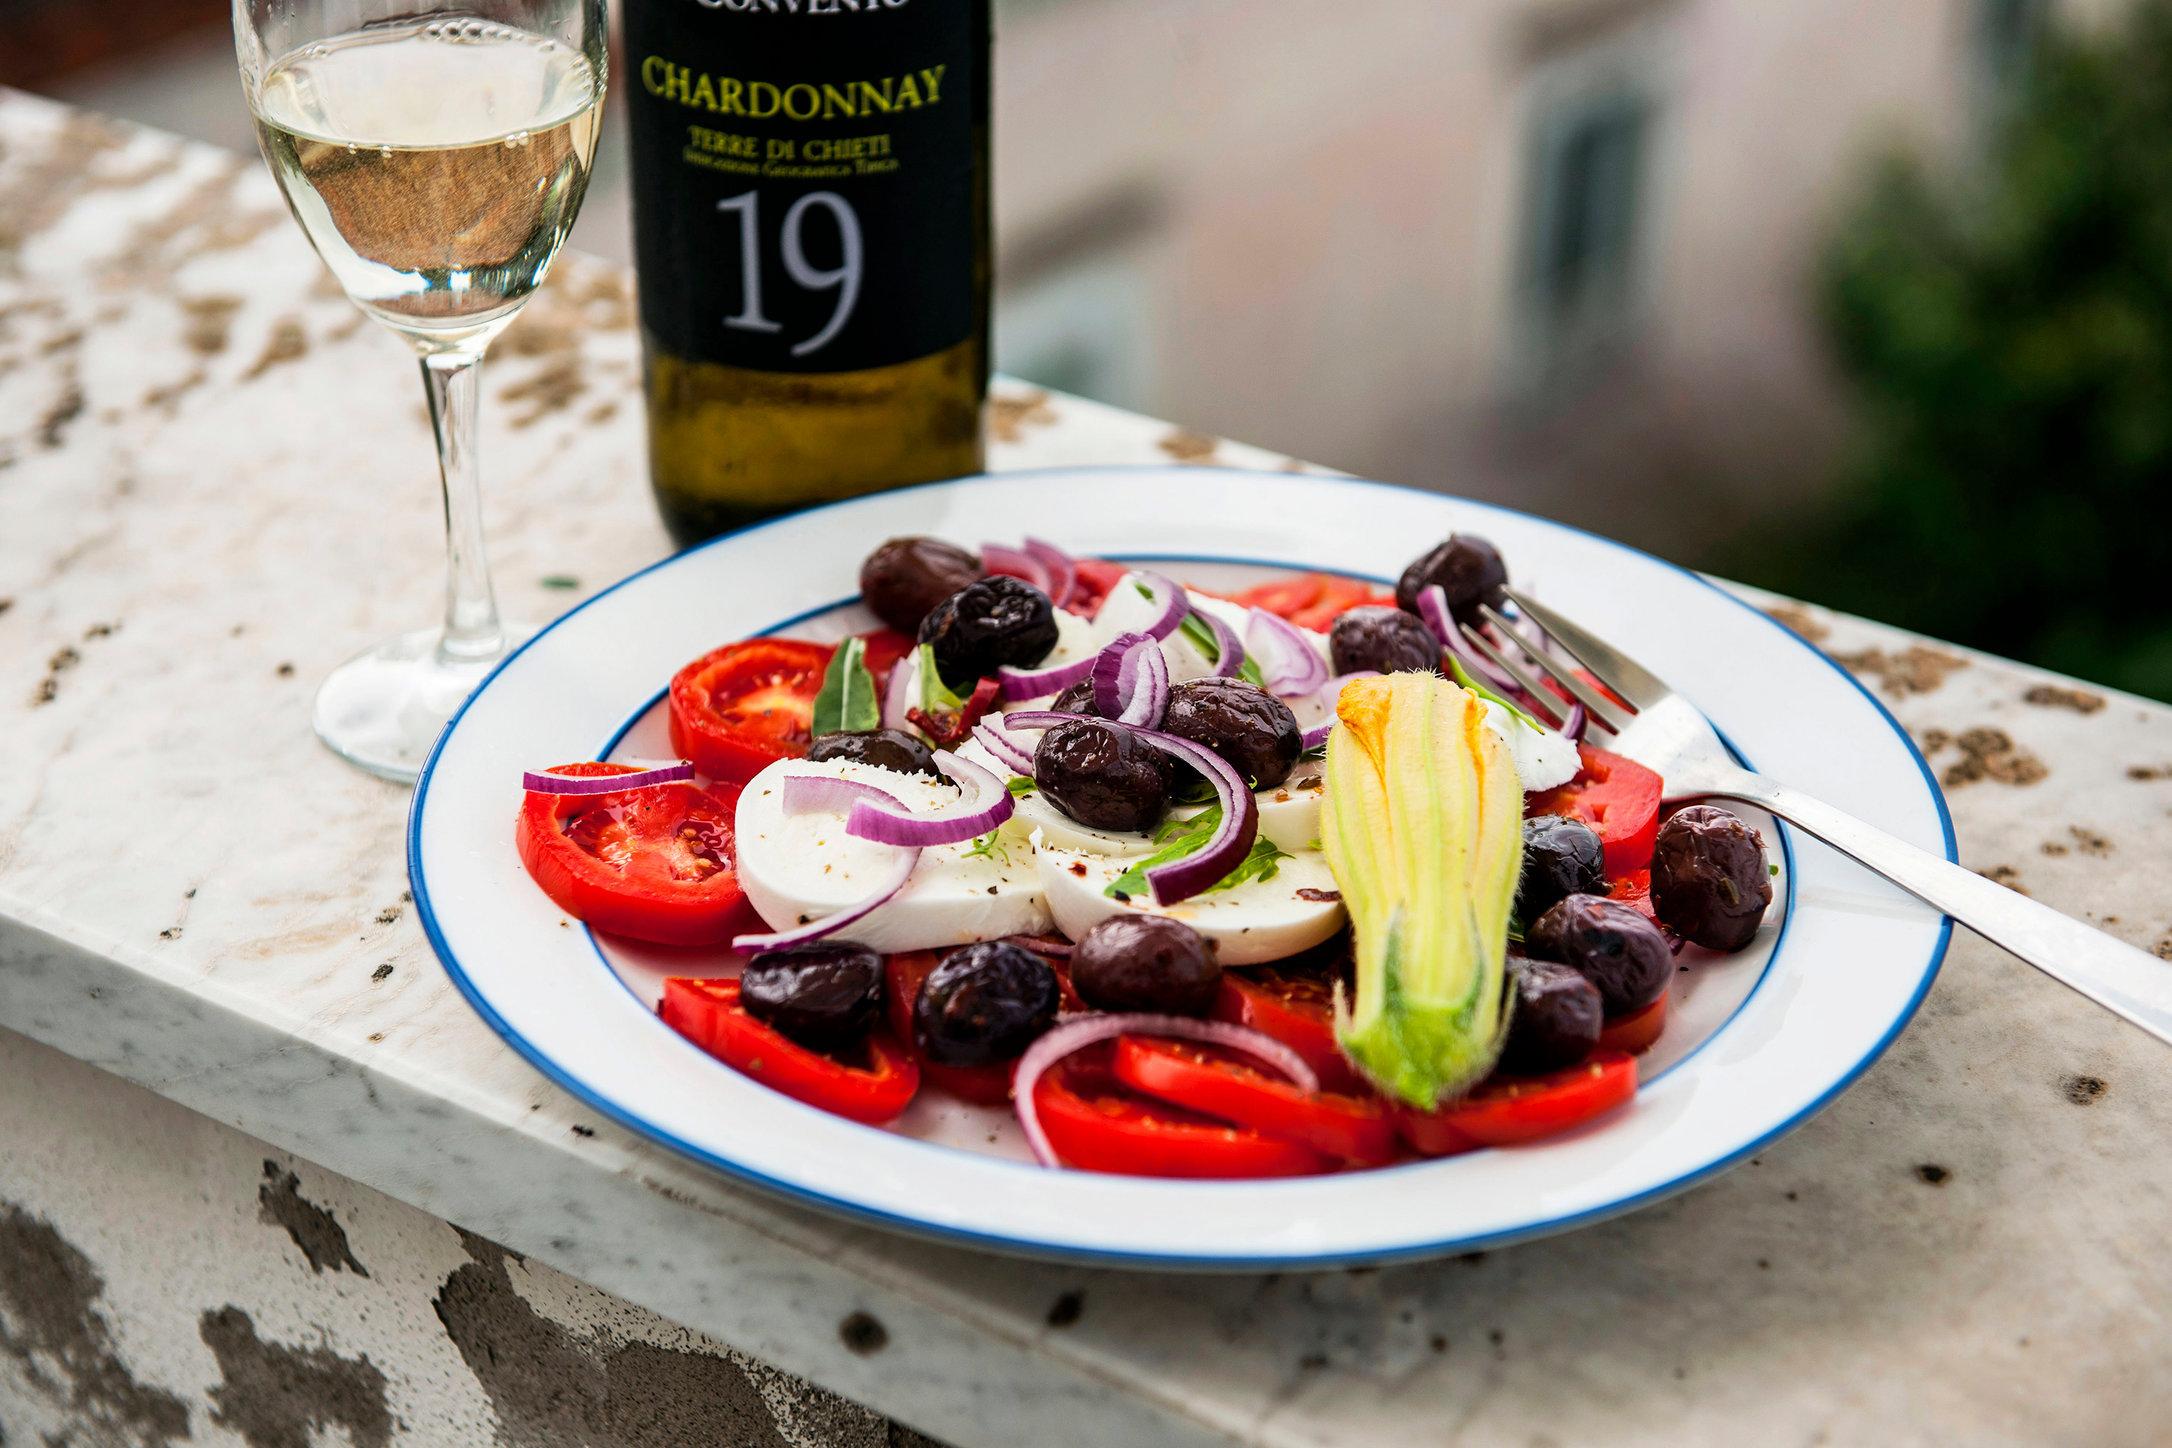 mozzarella med tomater oliver rödlök.JPG